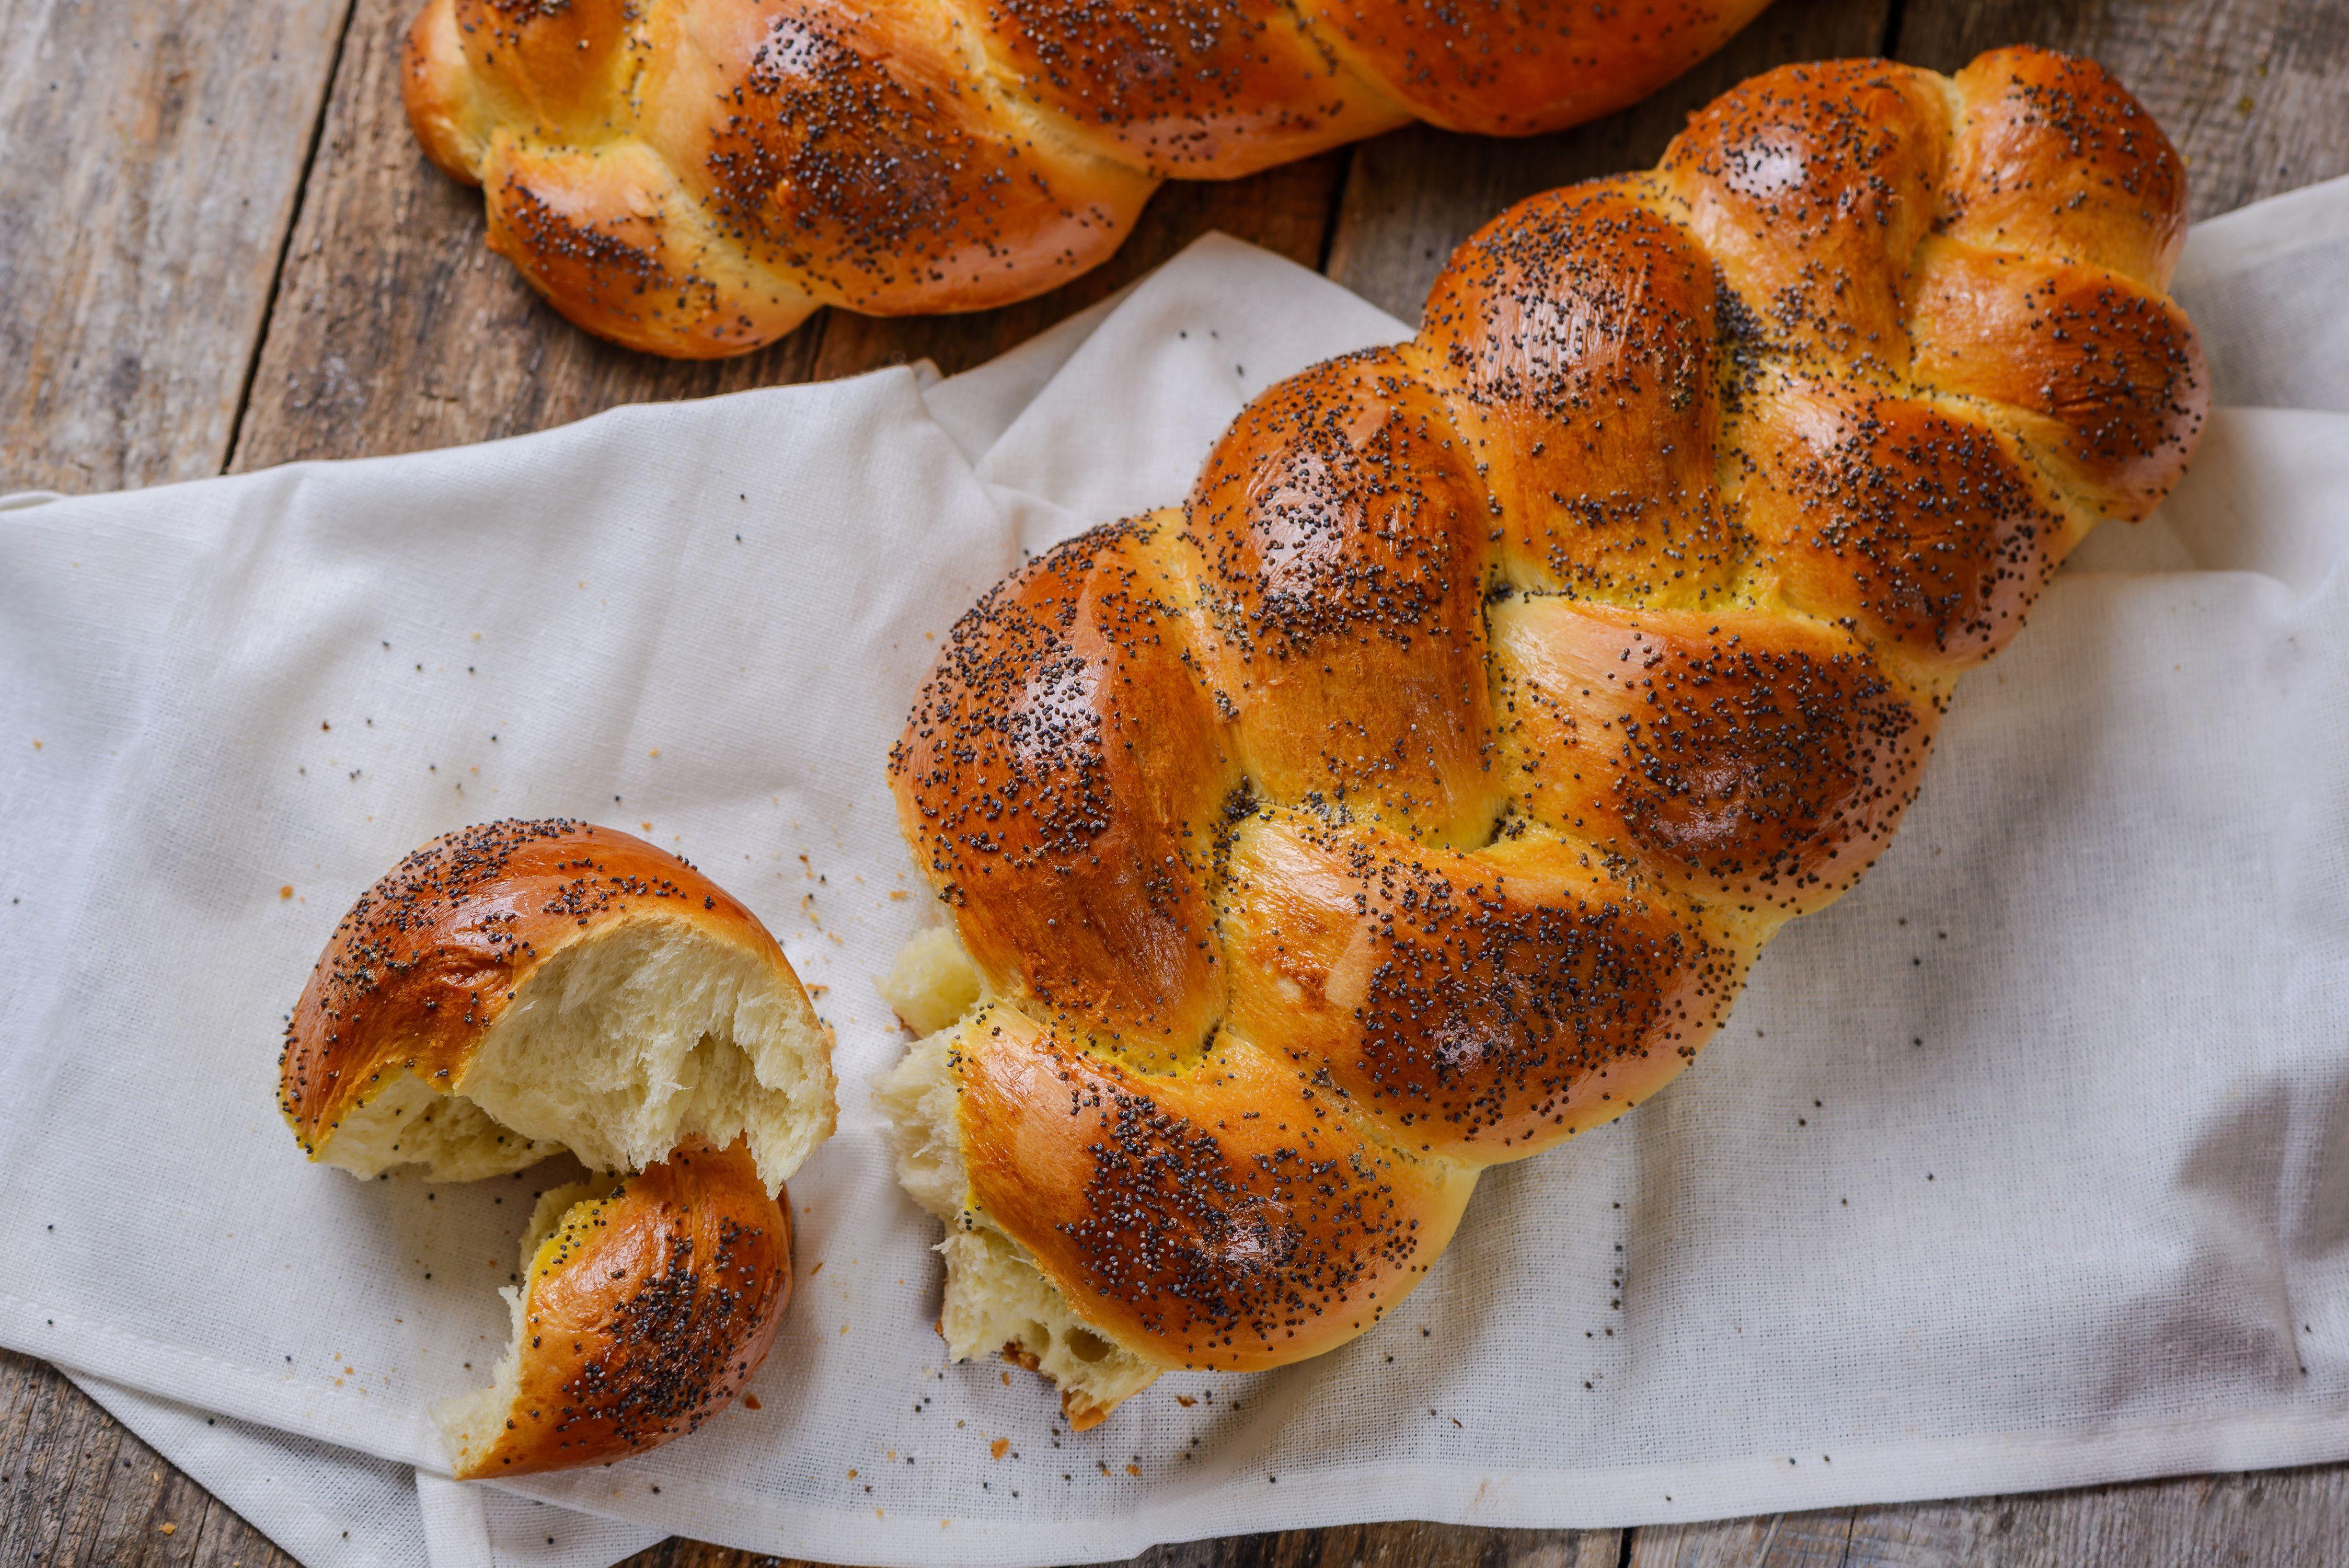 Braided Sabbath 3 Egg Challah Bread Recipe